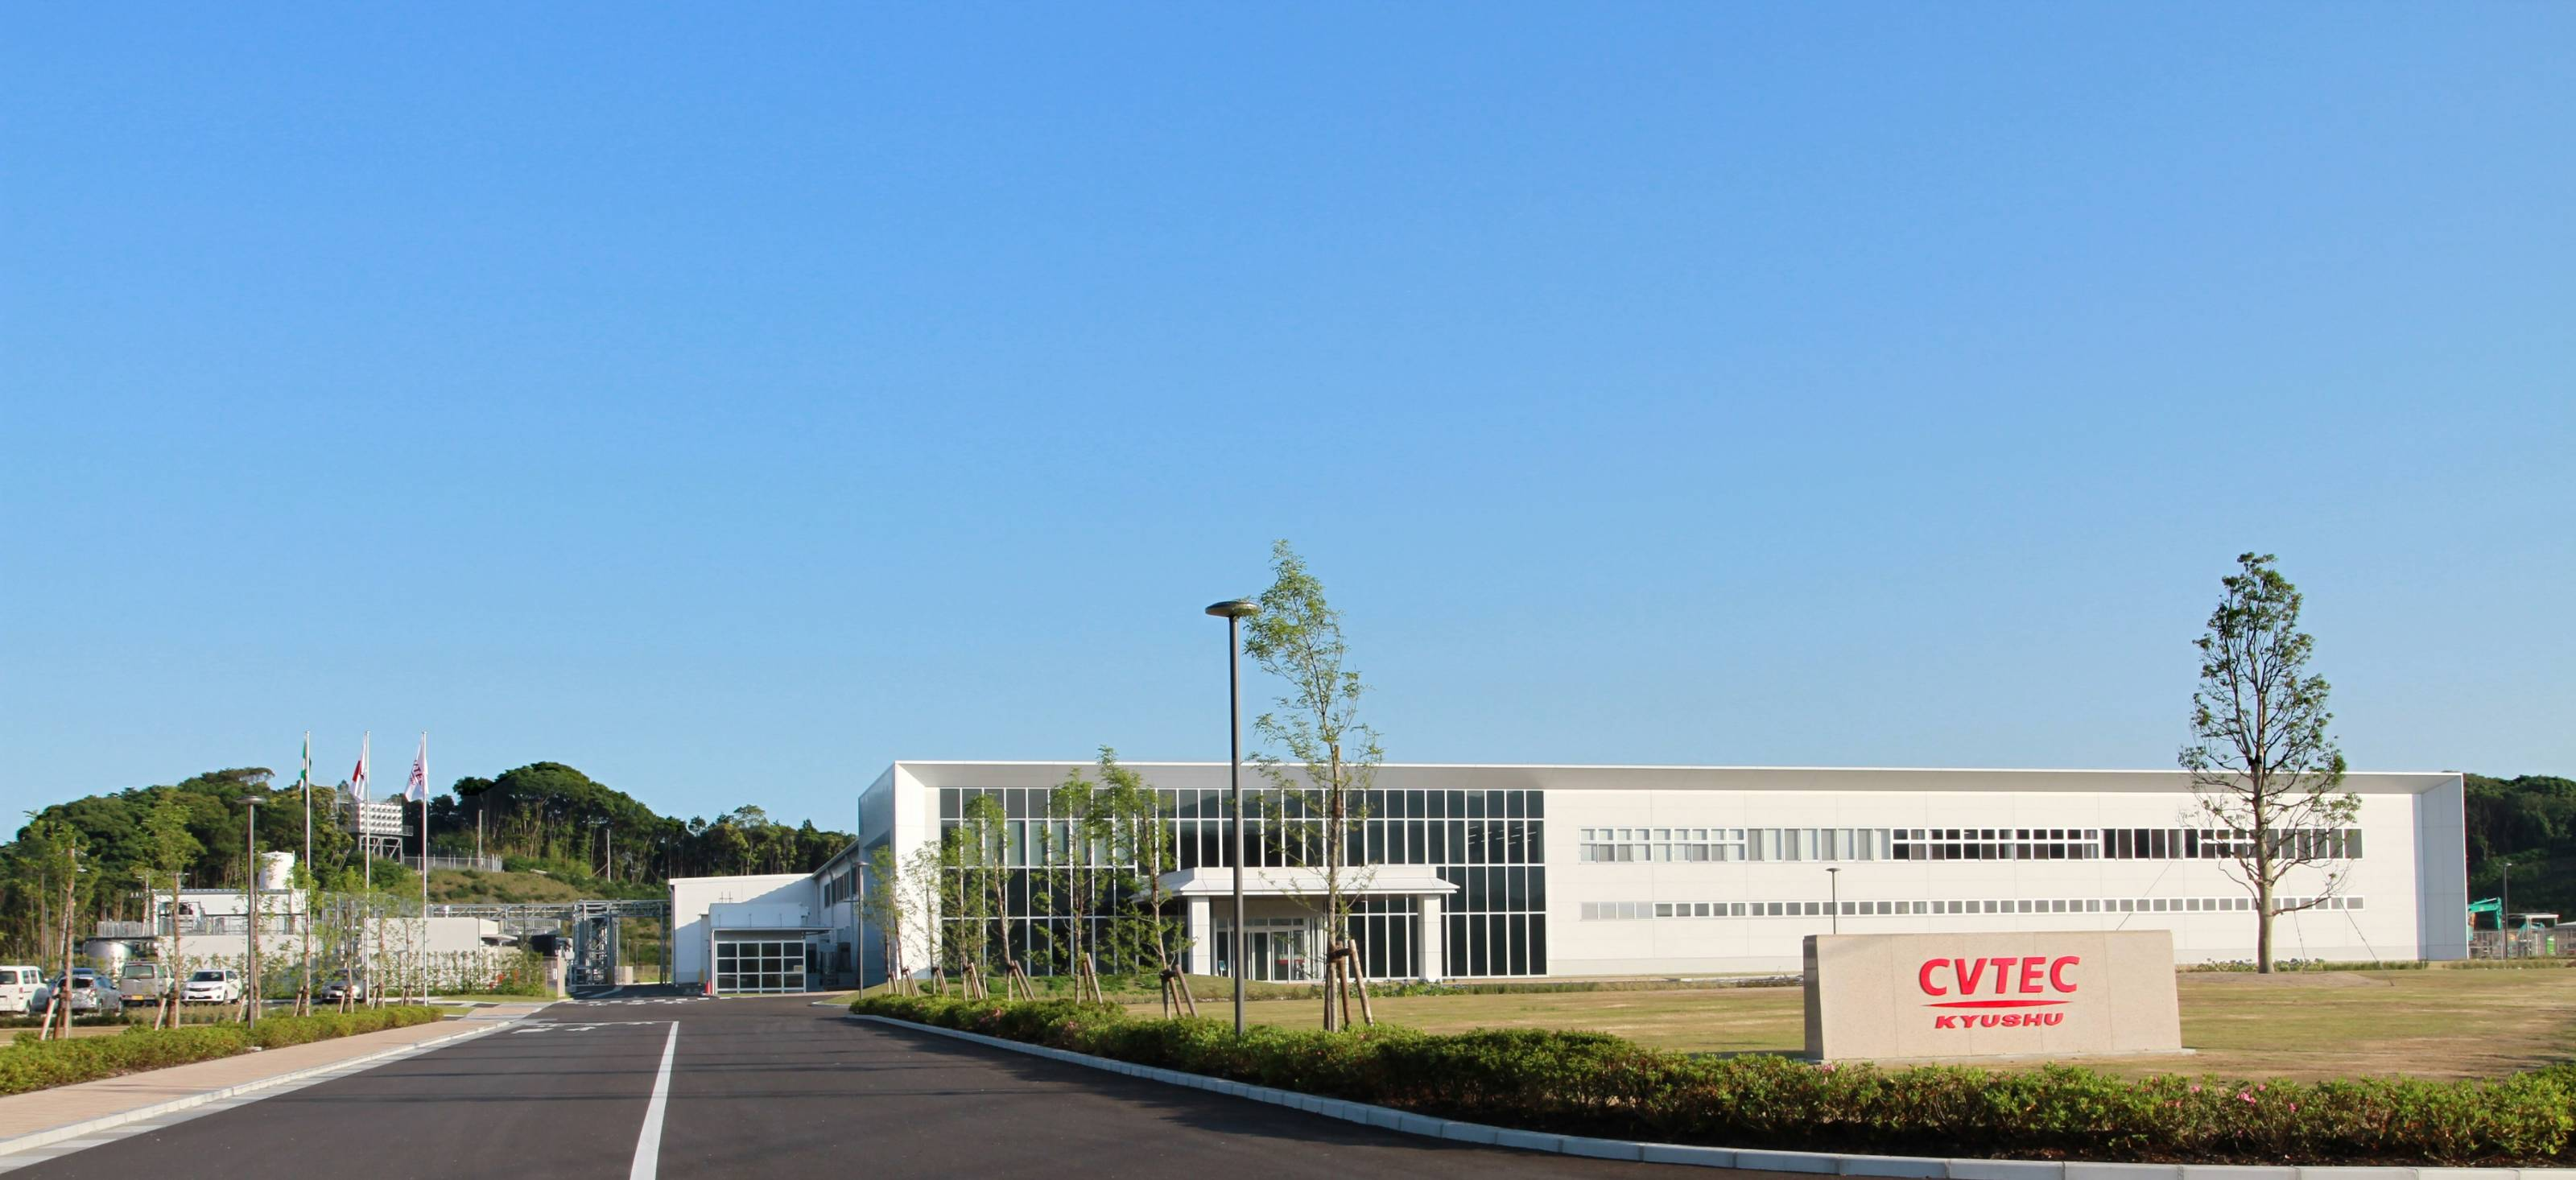 株式会社シーヴイテック九州